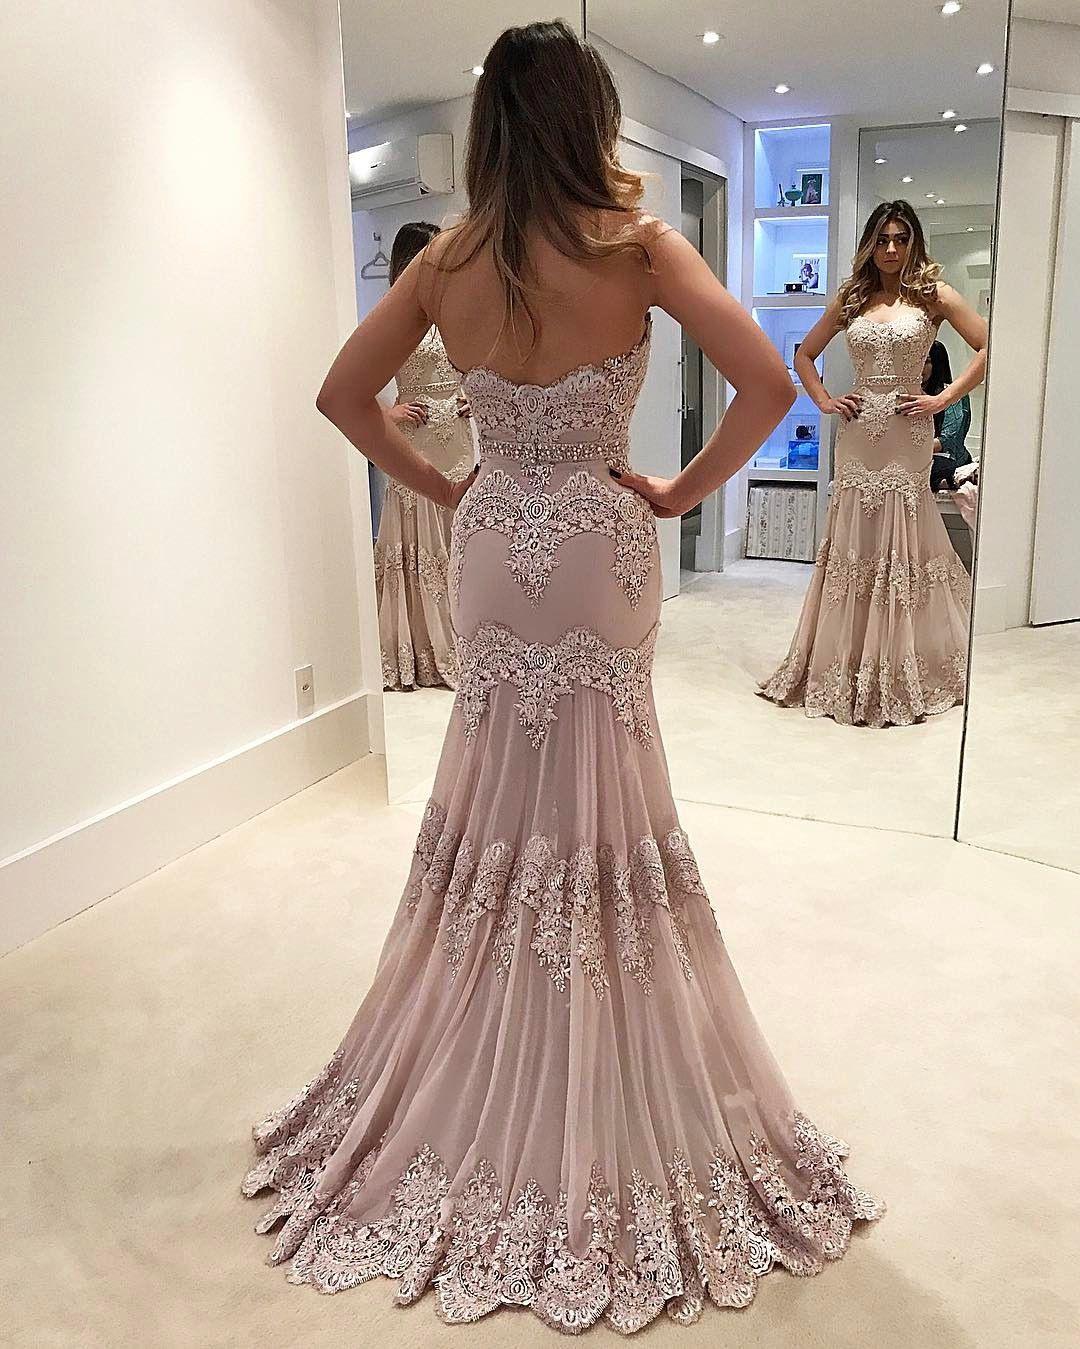 10 Erstaunlich Schöne Lange Kleider Günstig Bester Preis17 Genial Schöne Lange Kleider Günstig Design